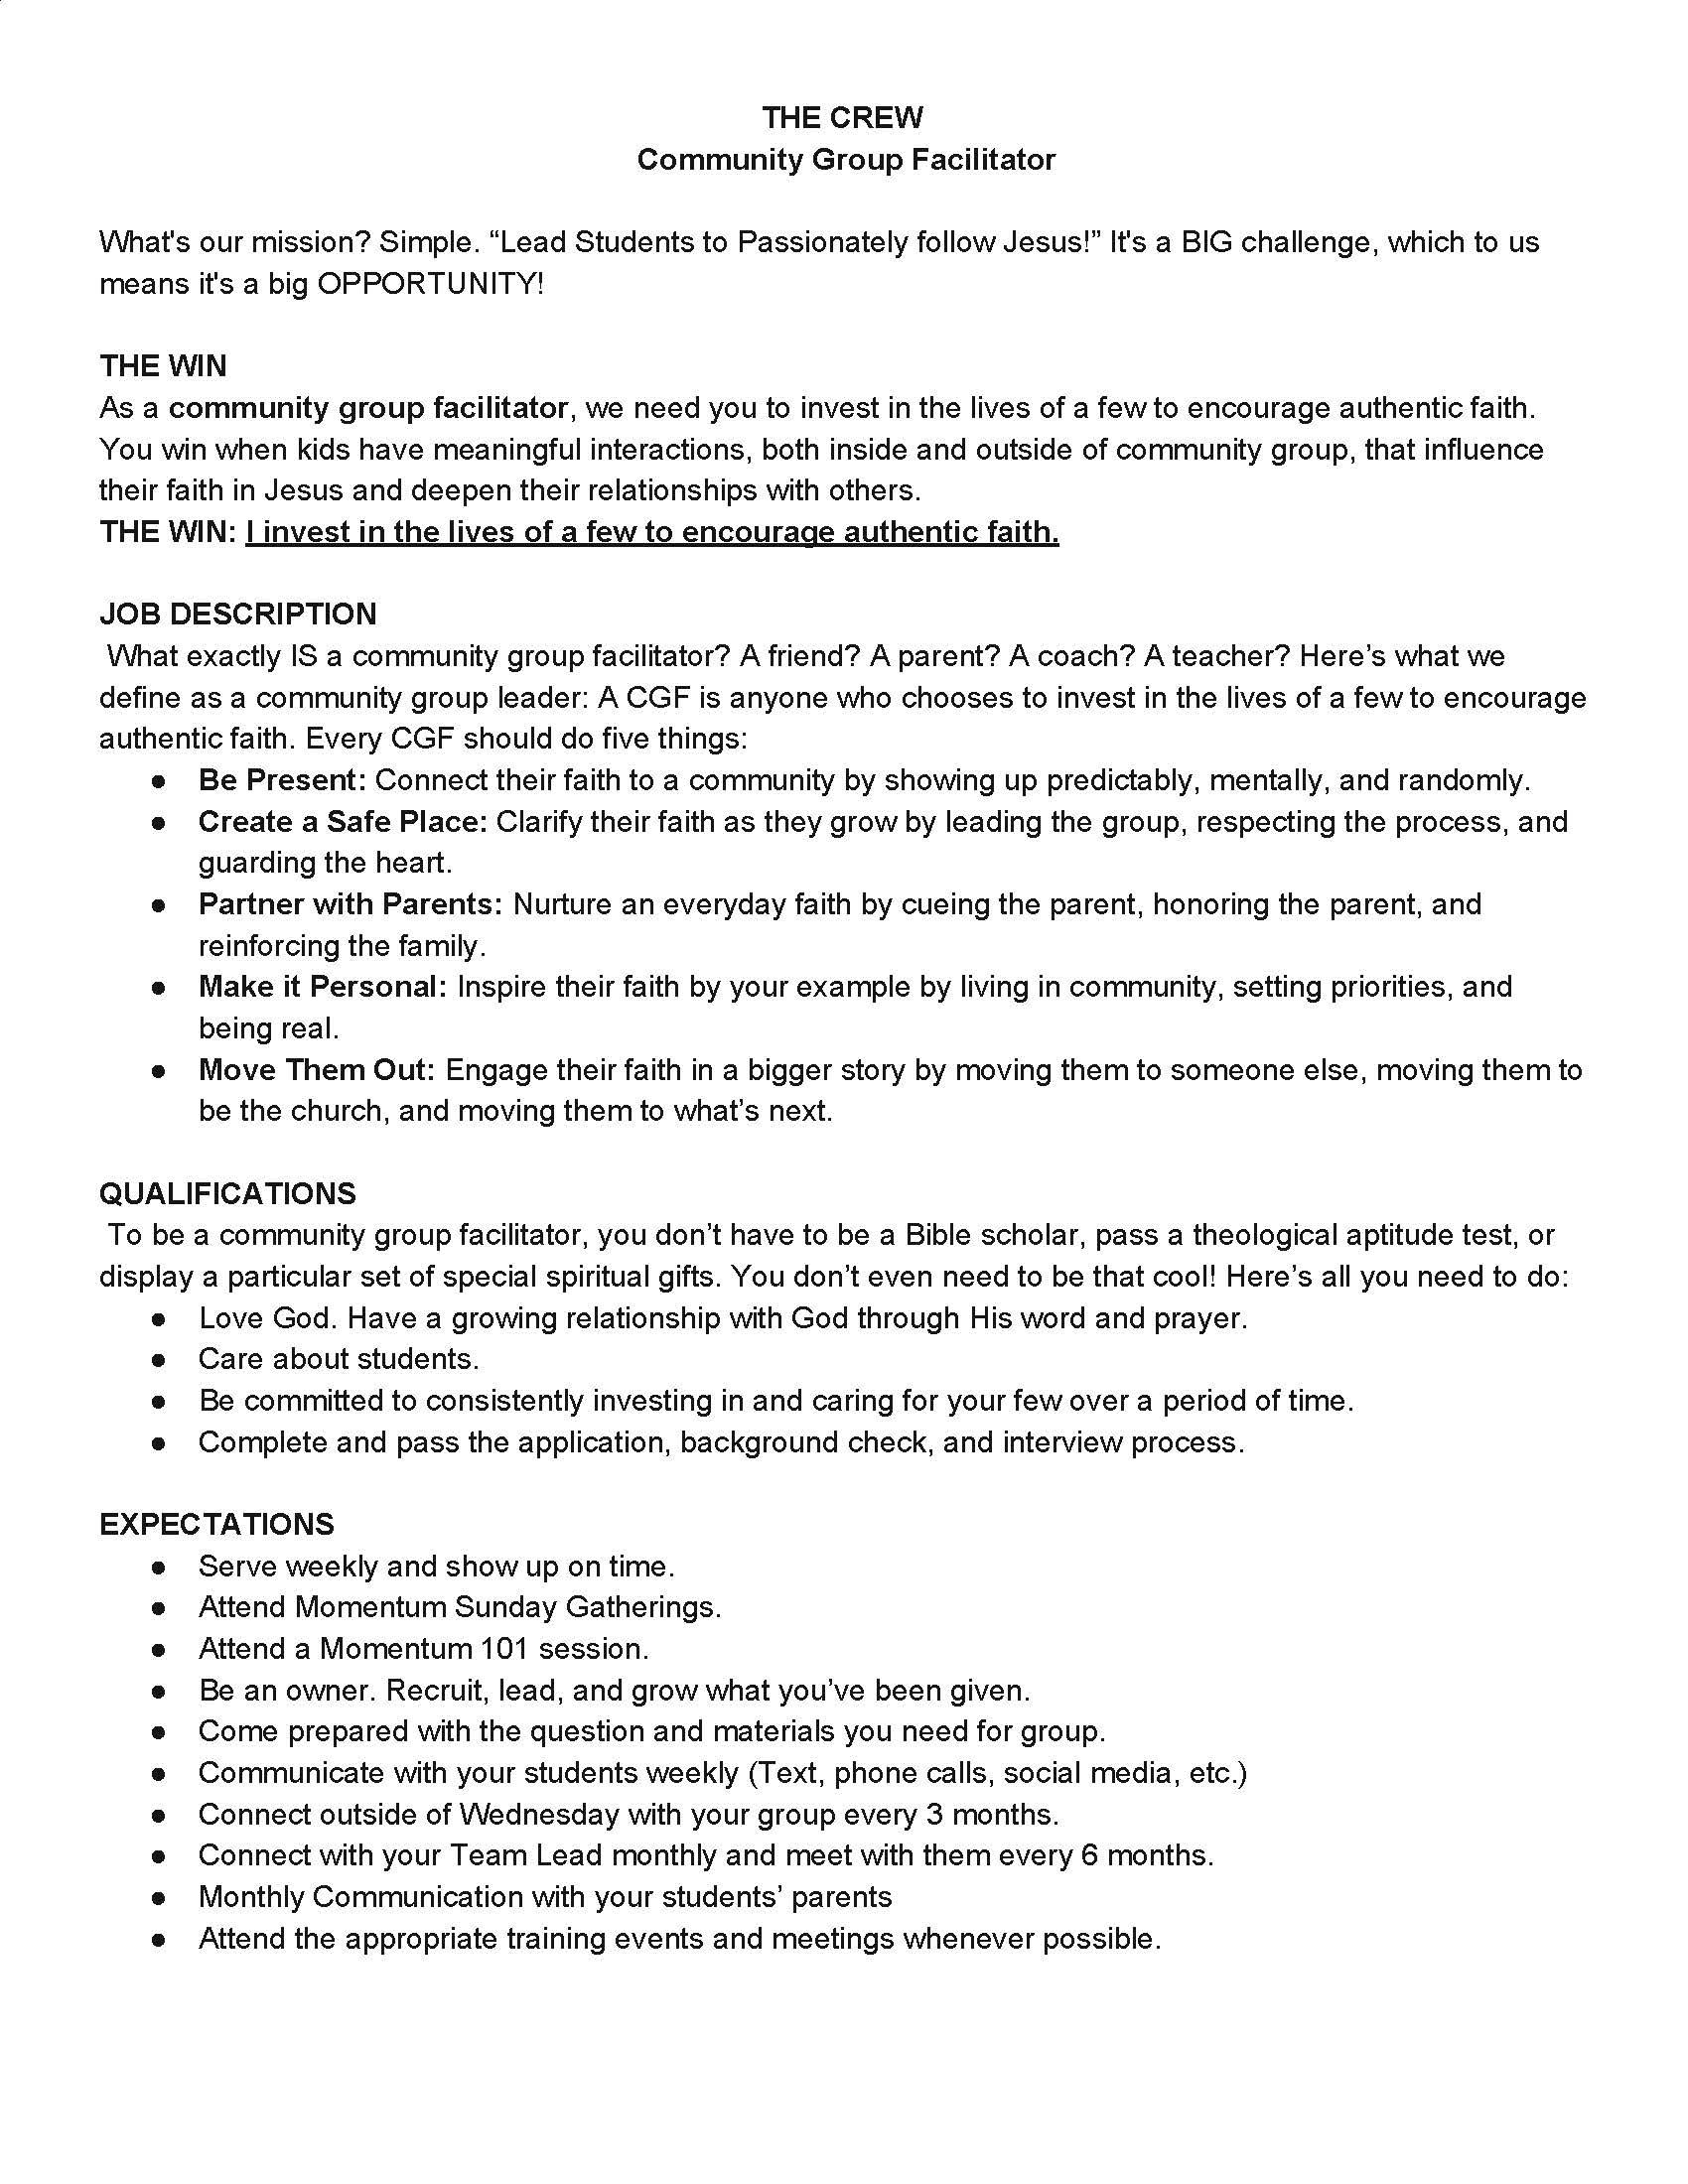 Leader Job Description & Expectations Page 1